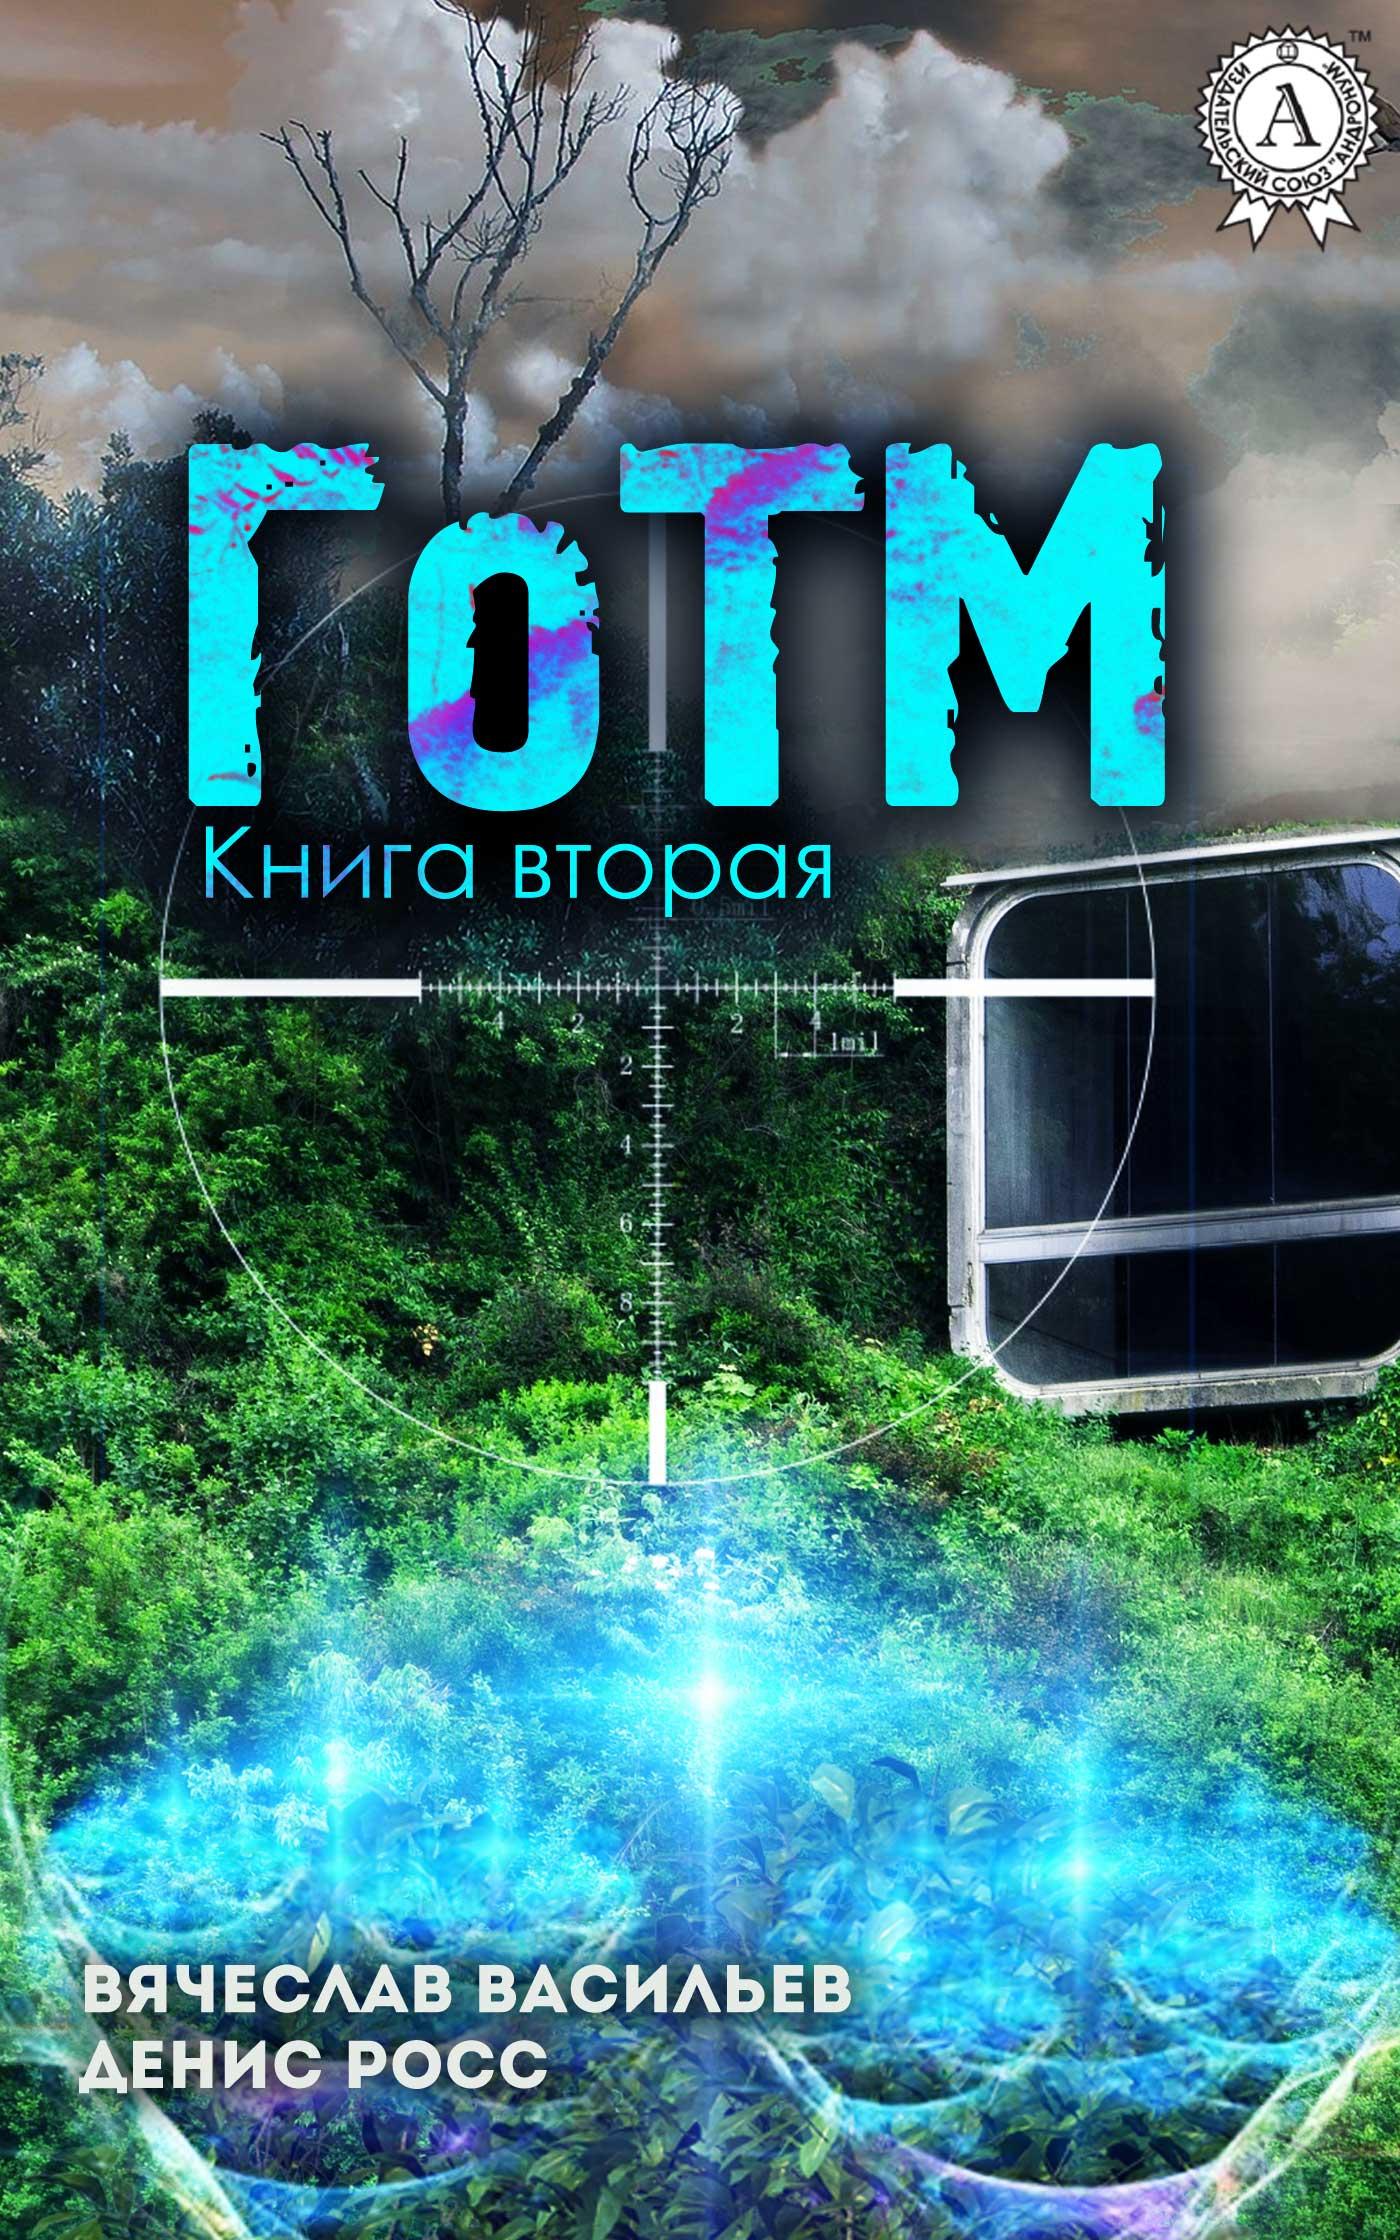 Васильев вячеслав скачать книги